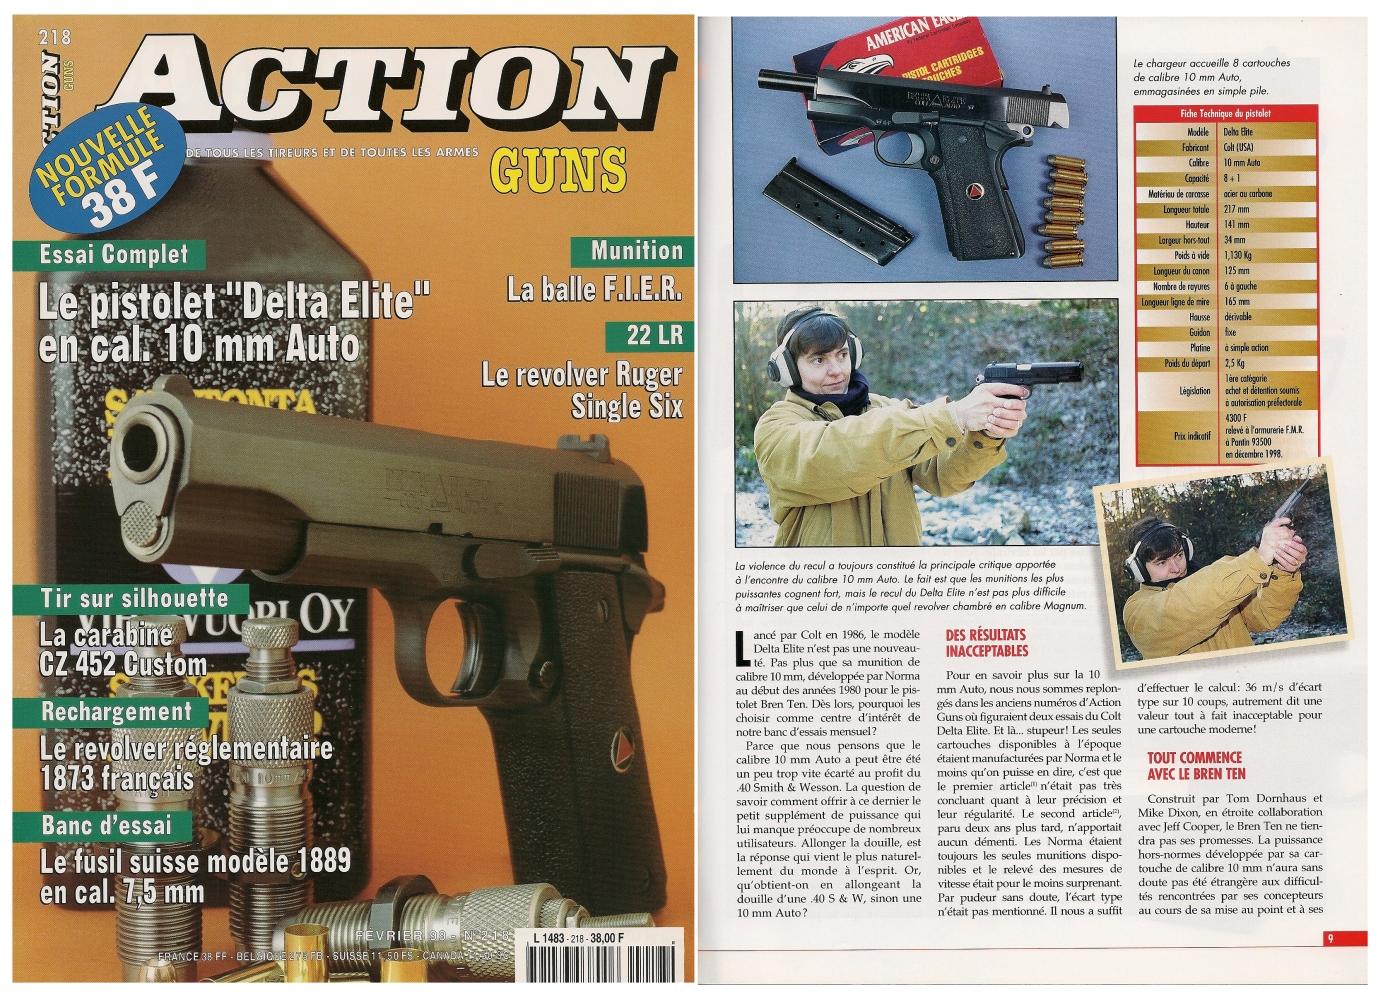 Le banc d'essai du pistolet Colt modèle Delta Elite a été publié sur 7 pages dans le magazine Action Guns n°218 (février 1999)